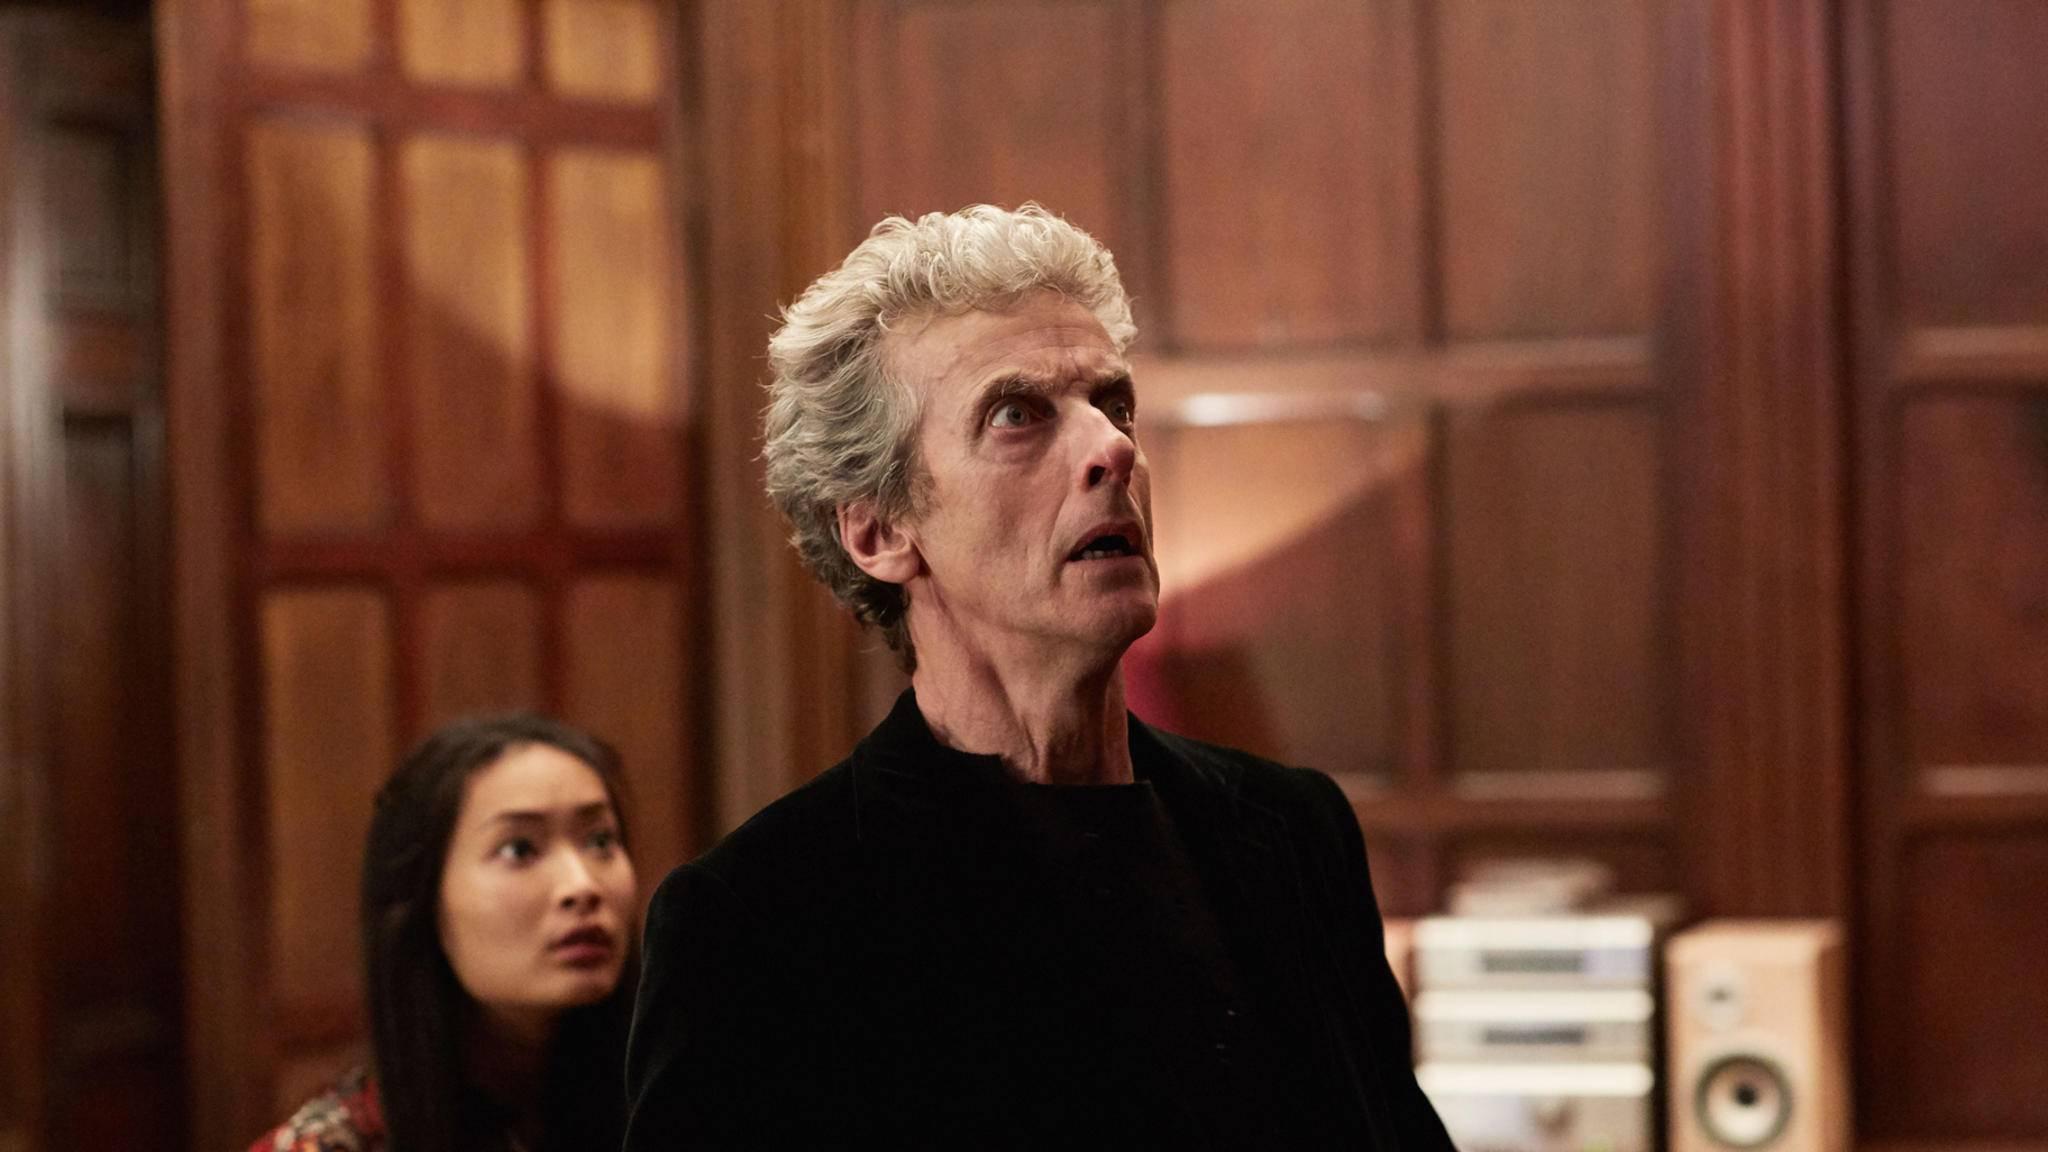 Überraschung! Schon Sonntag wird die 13. Reinkarnation des Doctors verkündet.